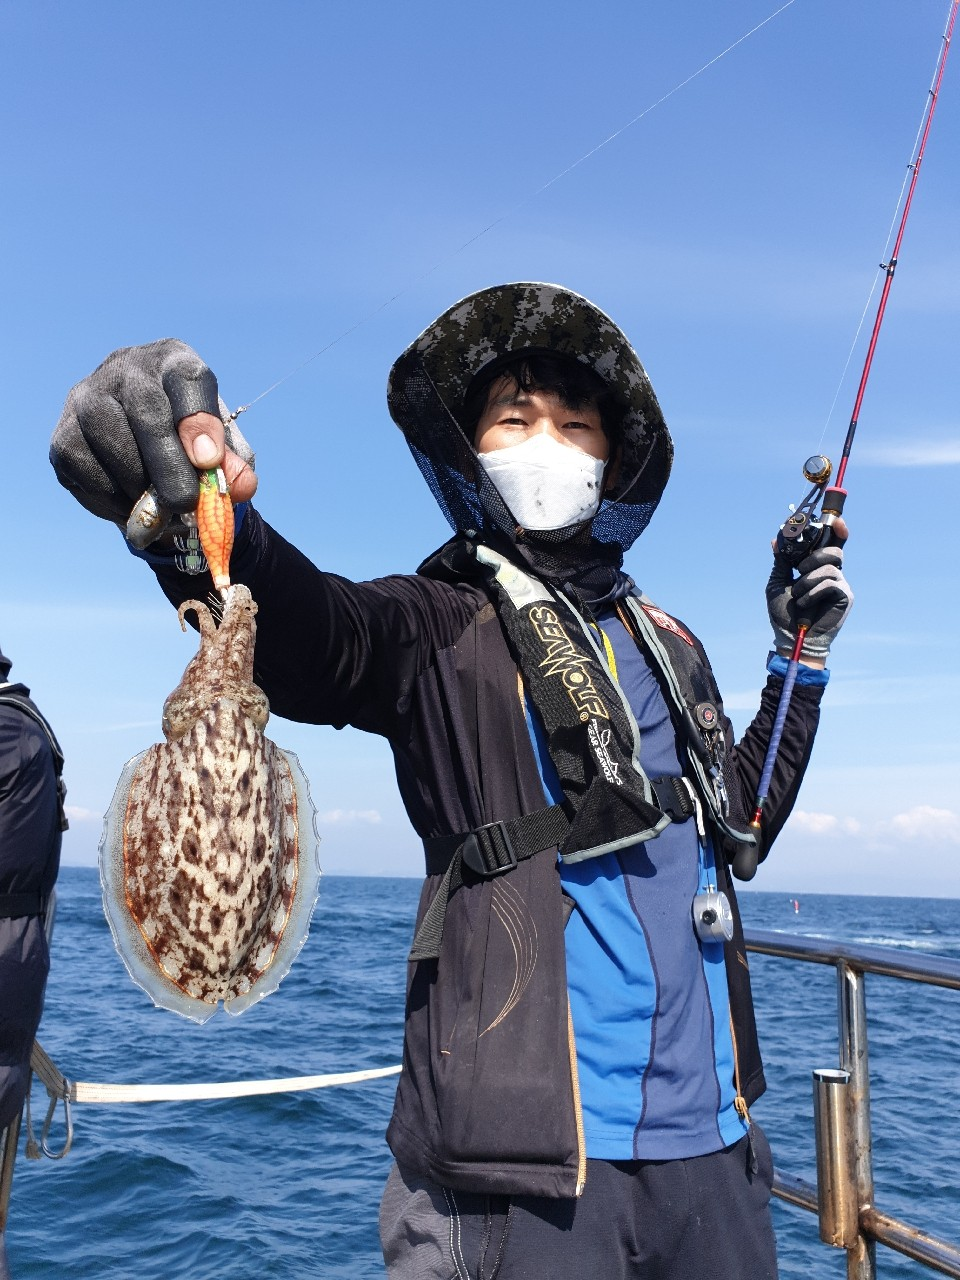 9월28일(월) 쭈+갑+꽃게 조황